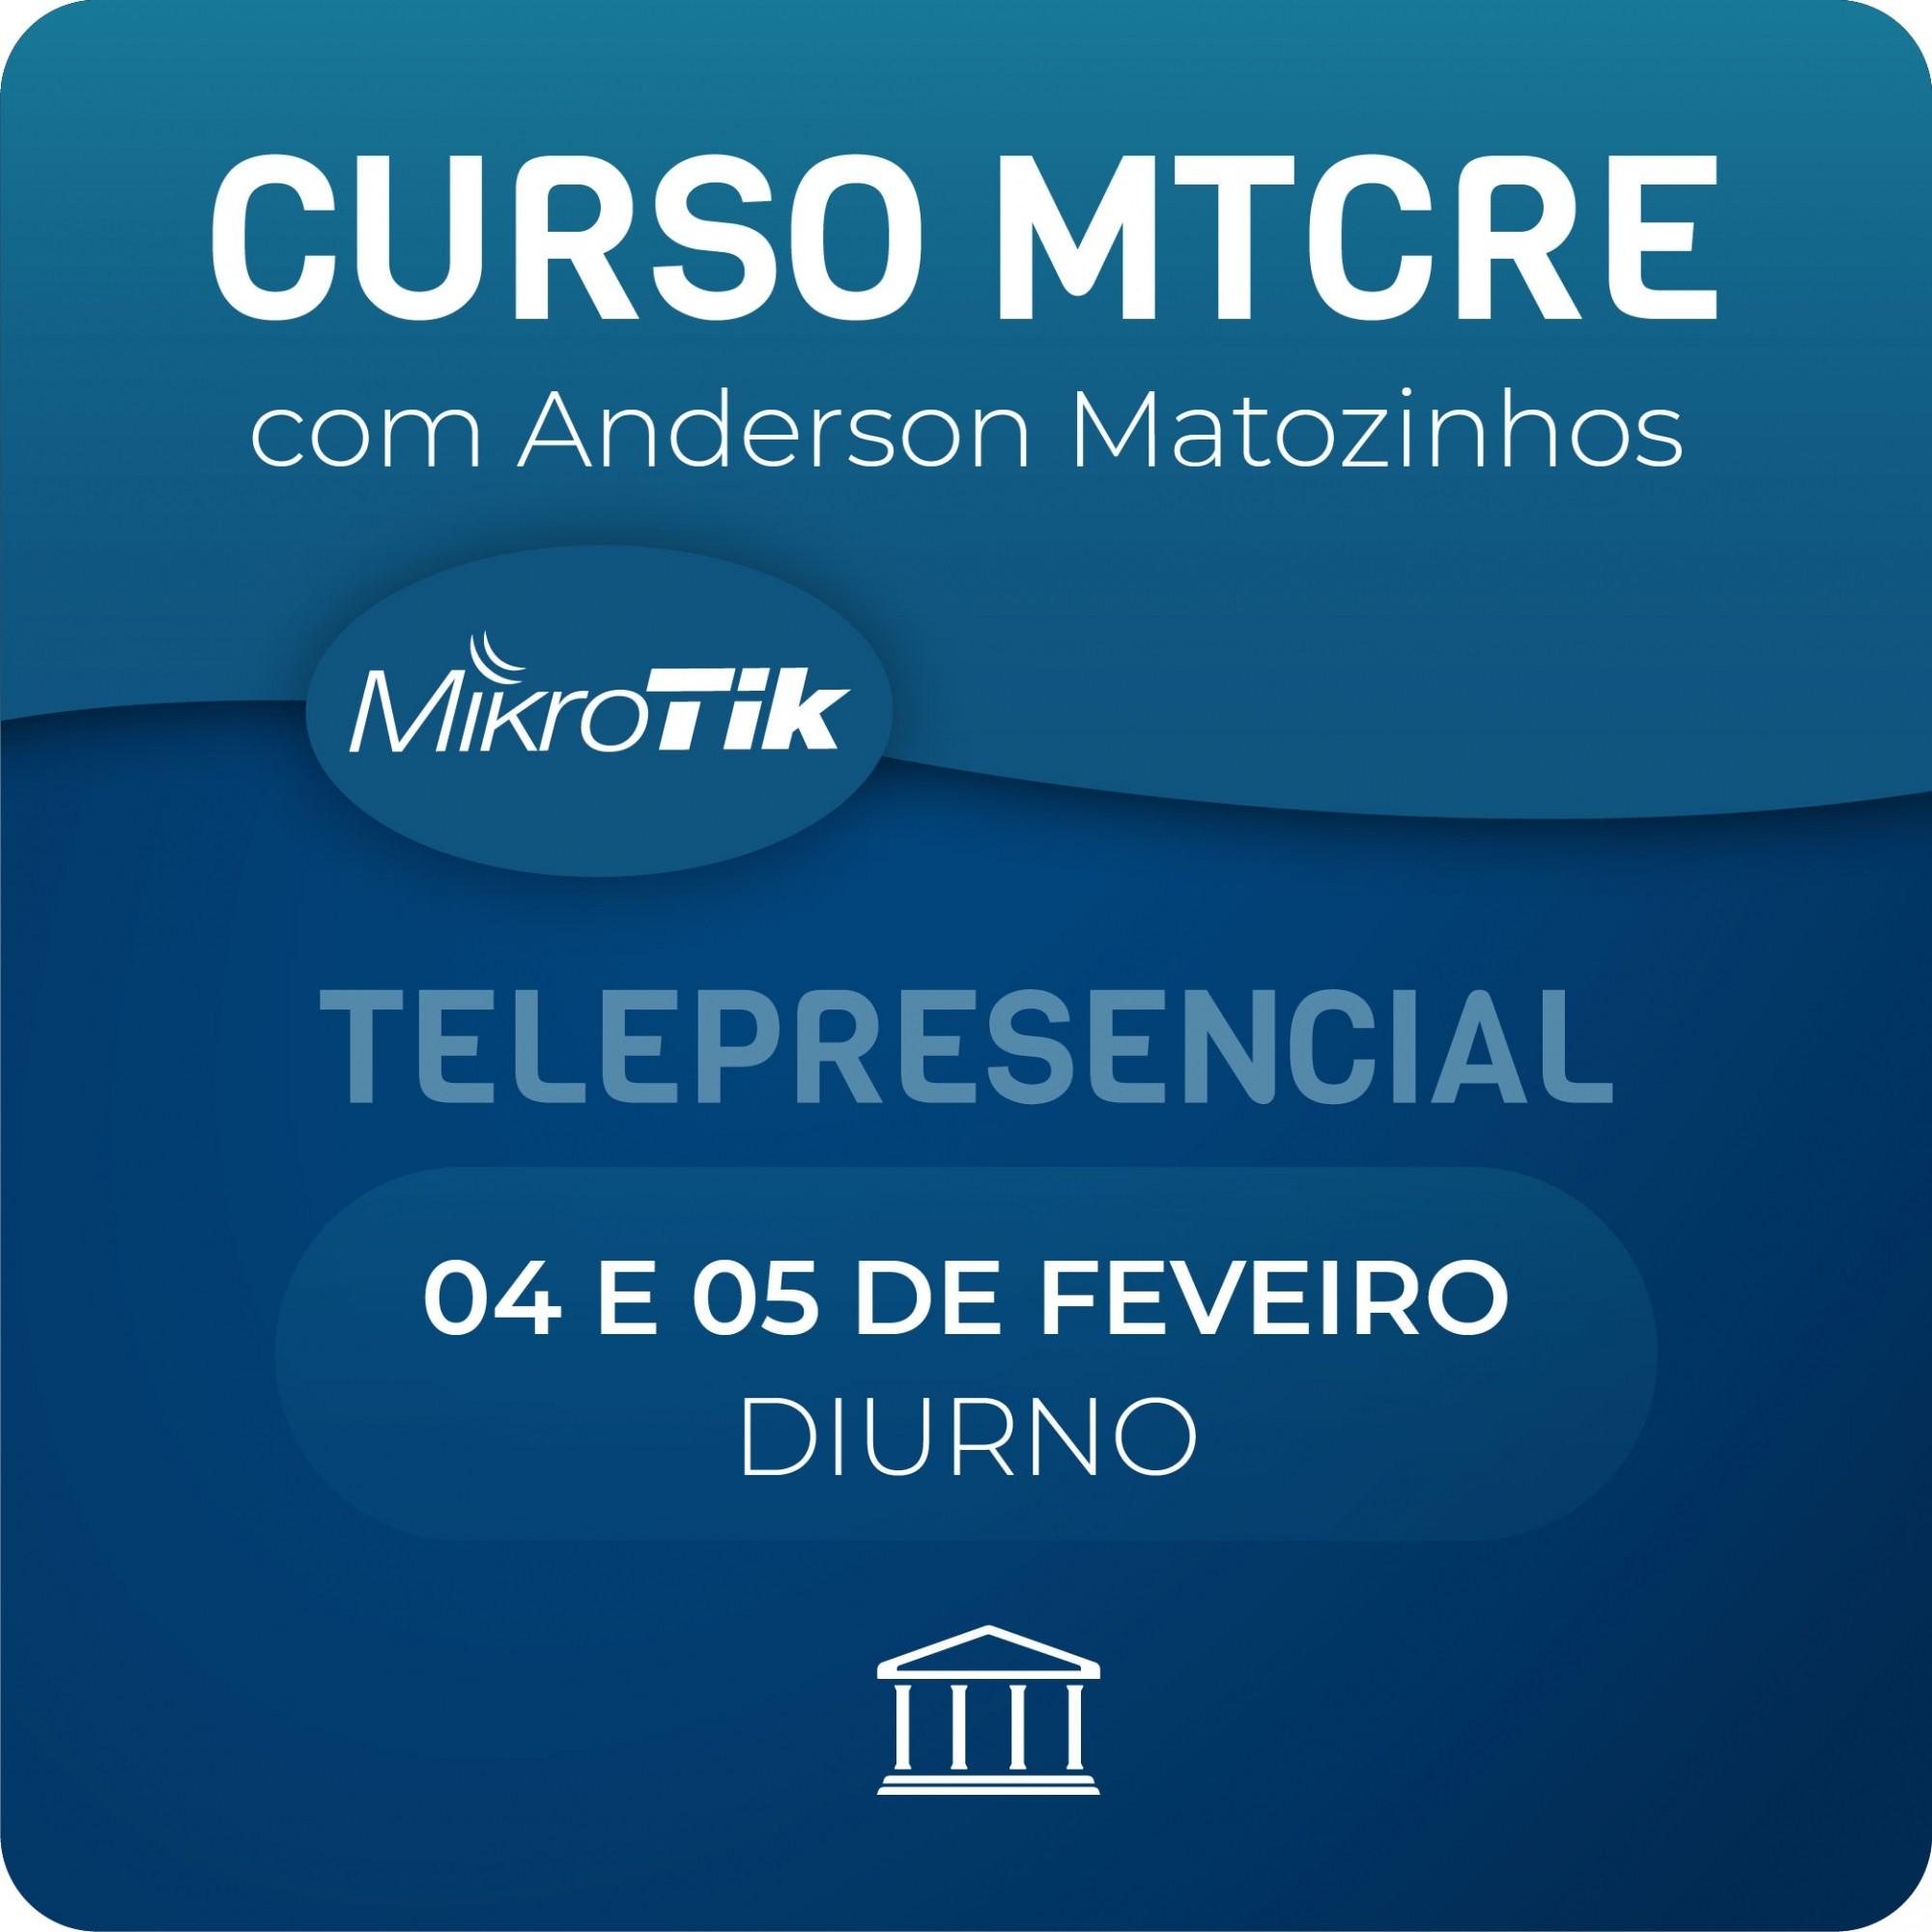 Curso e Certificação Oficial Mikrotik - MTCRE  - Voz e Dados